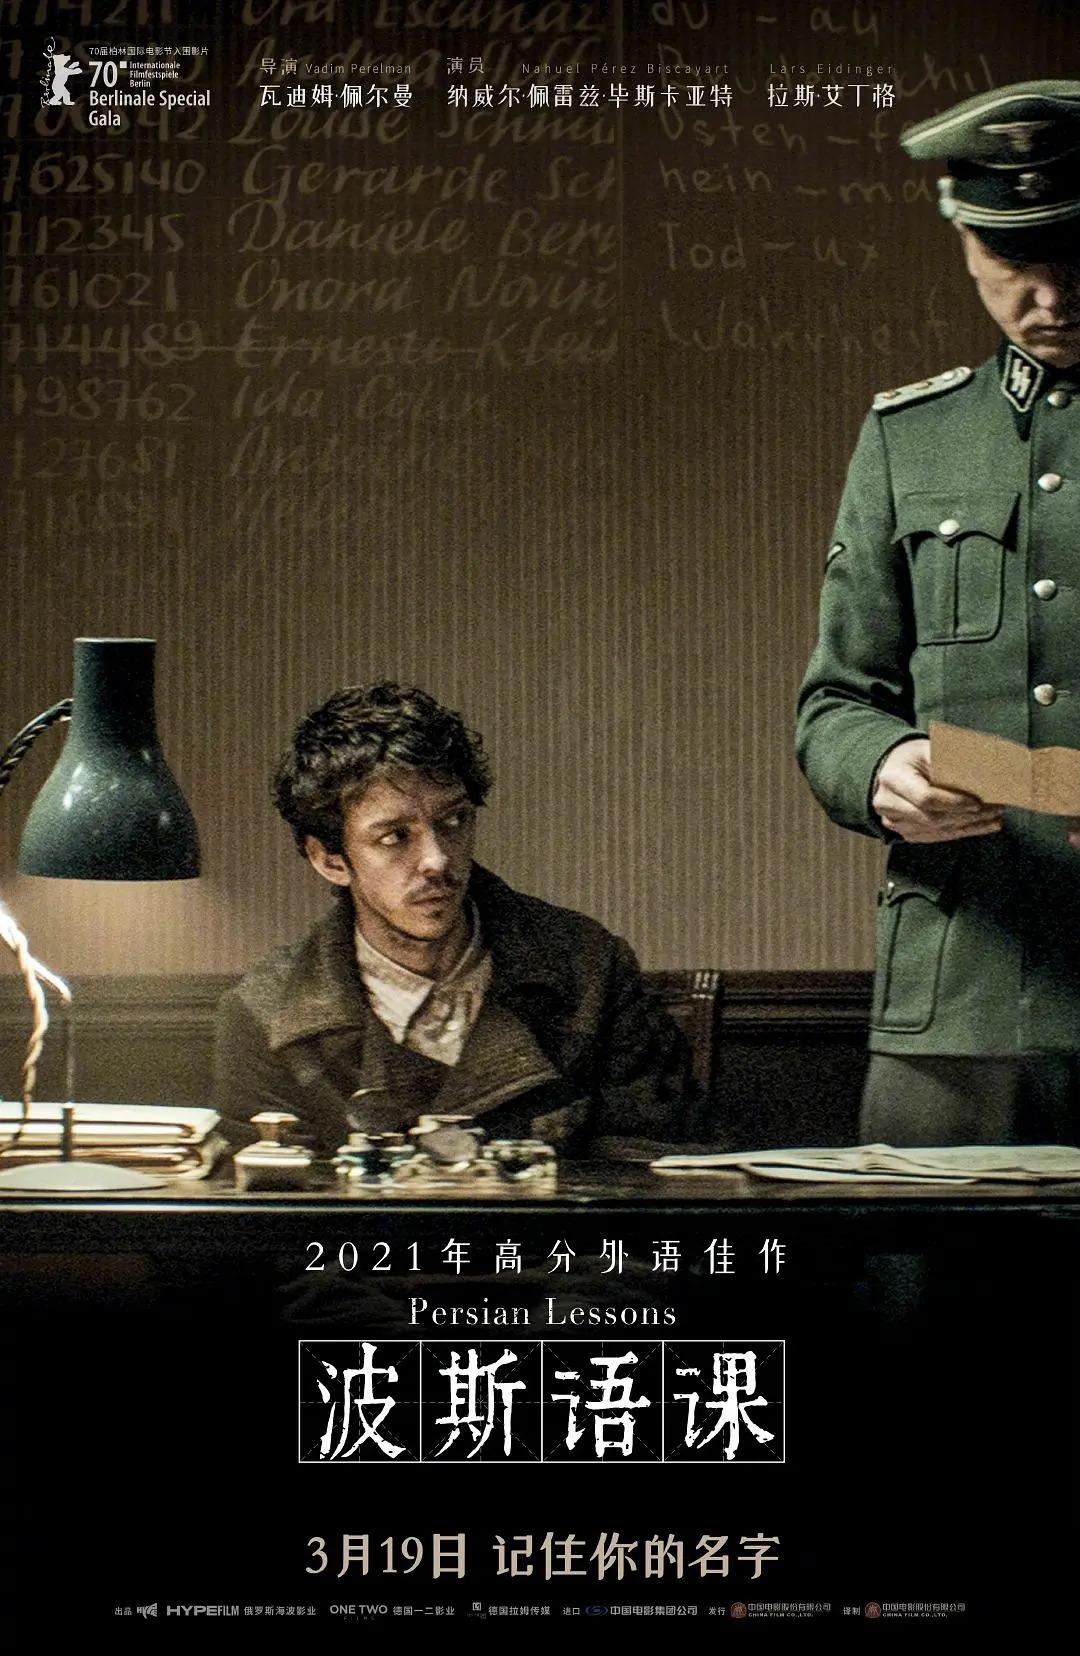 【电影预告】波斯语课 Persischstunden 2021-03-19 中国大陆上映